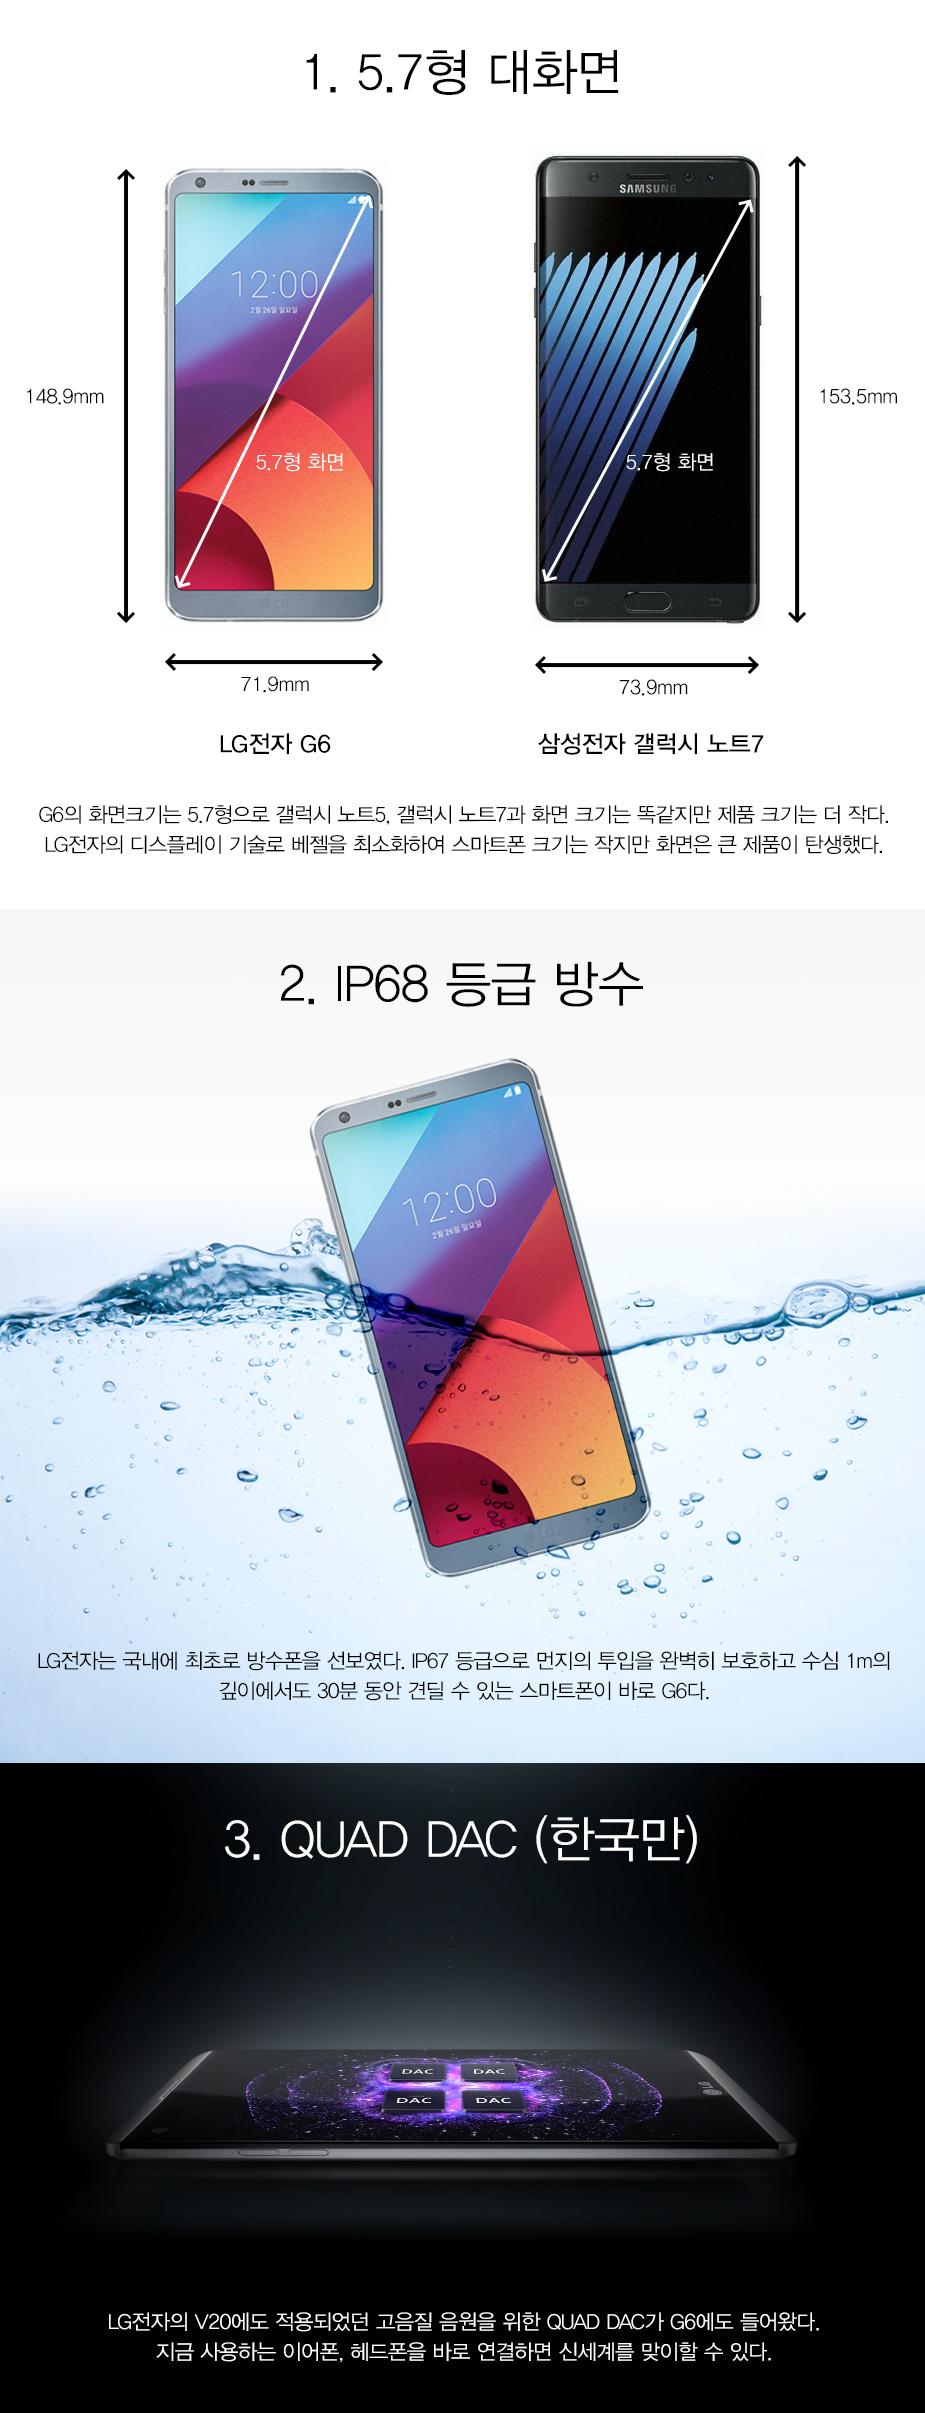 LG G6 특장점